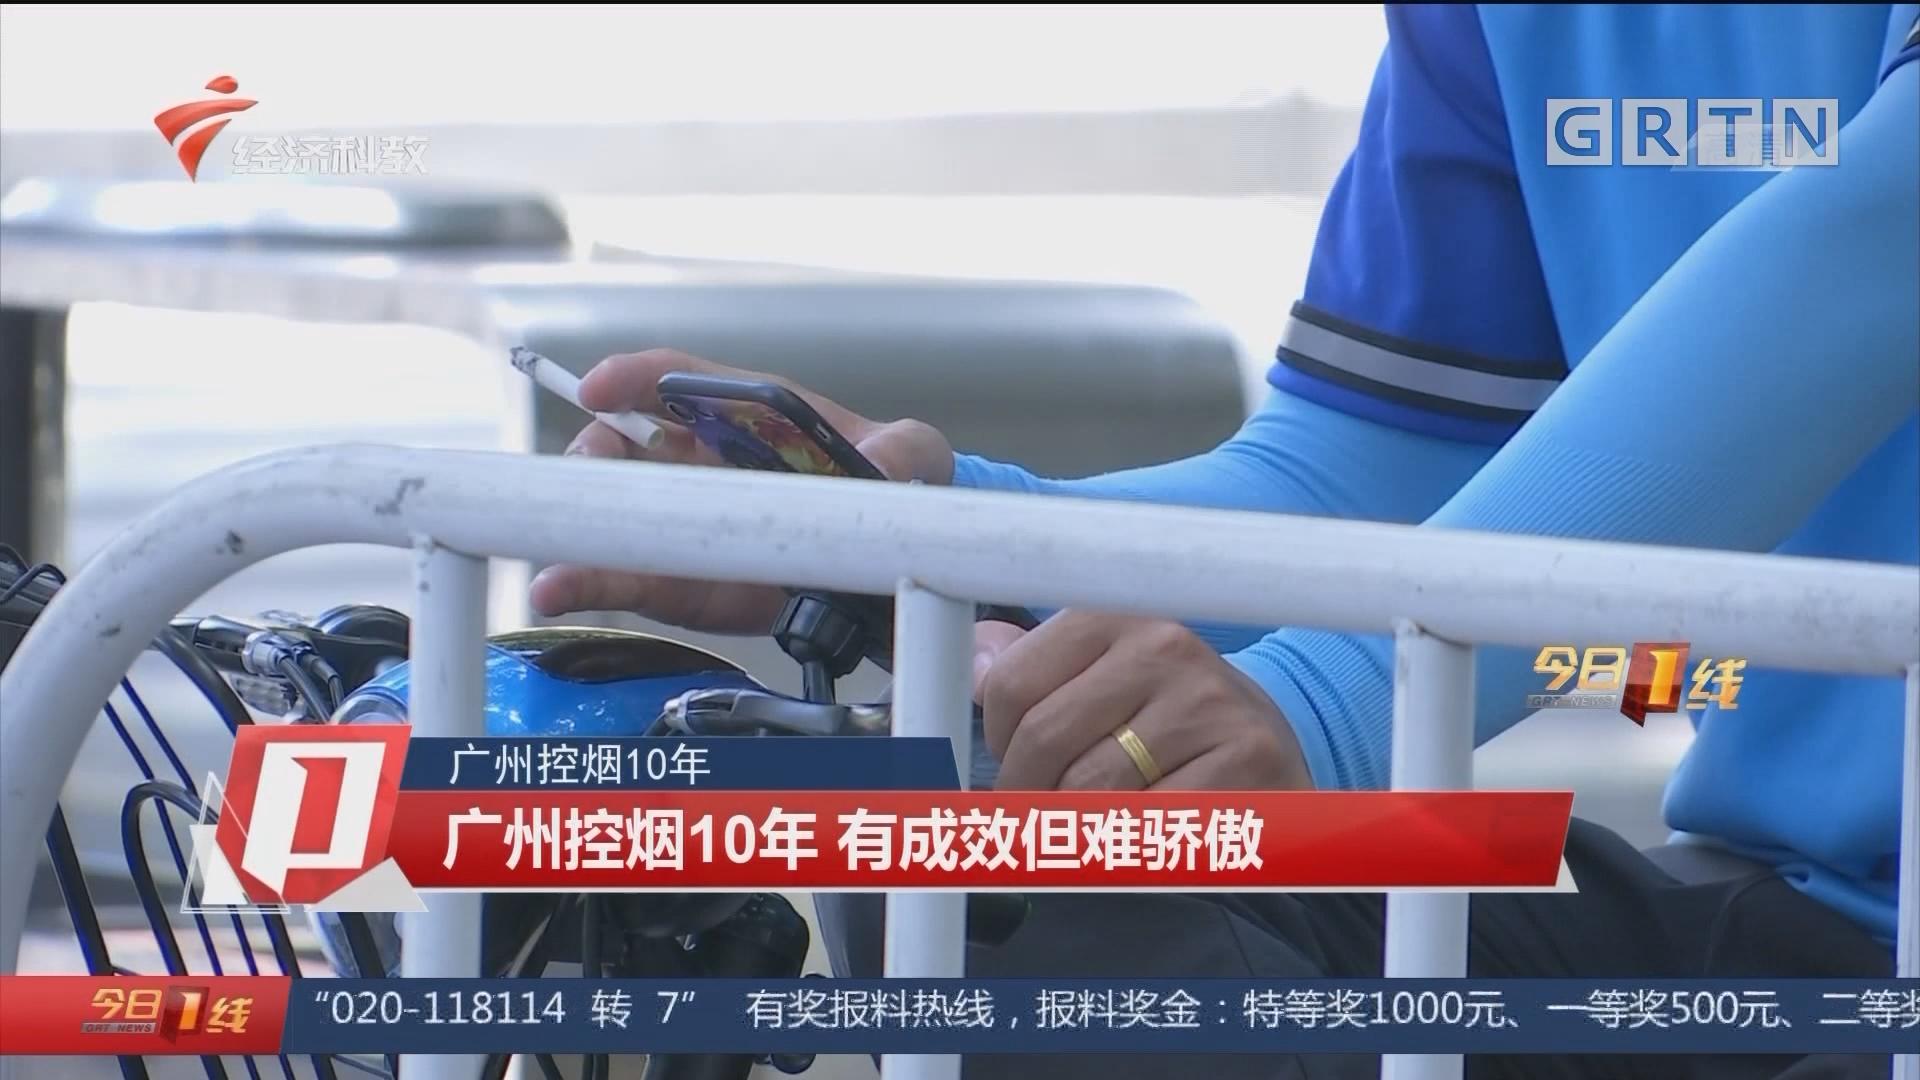 廣州控煙10年:廣州控煙10年 有成效但難驕傲